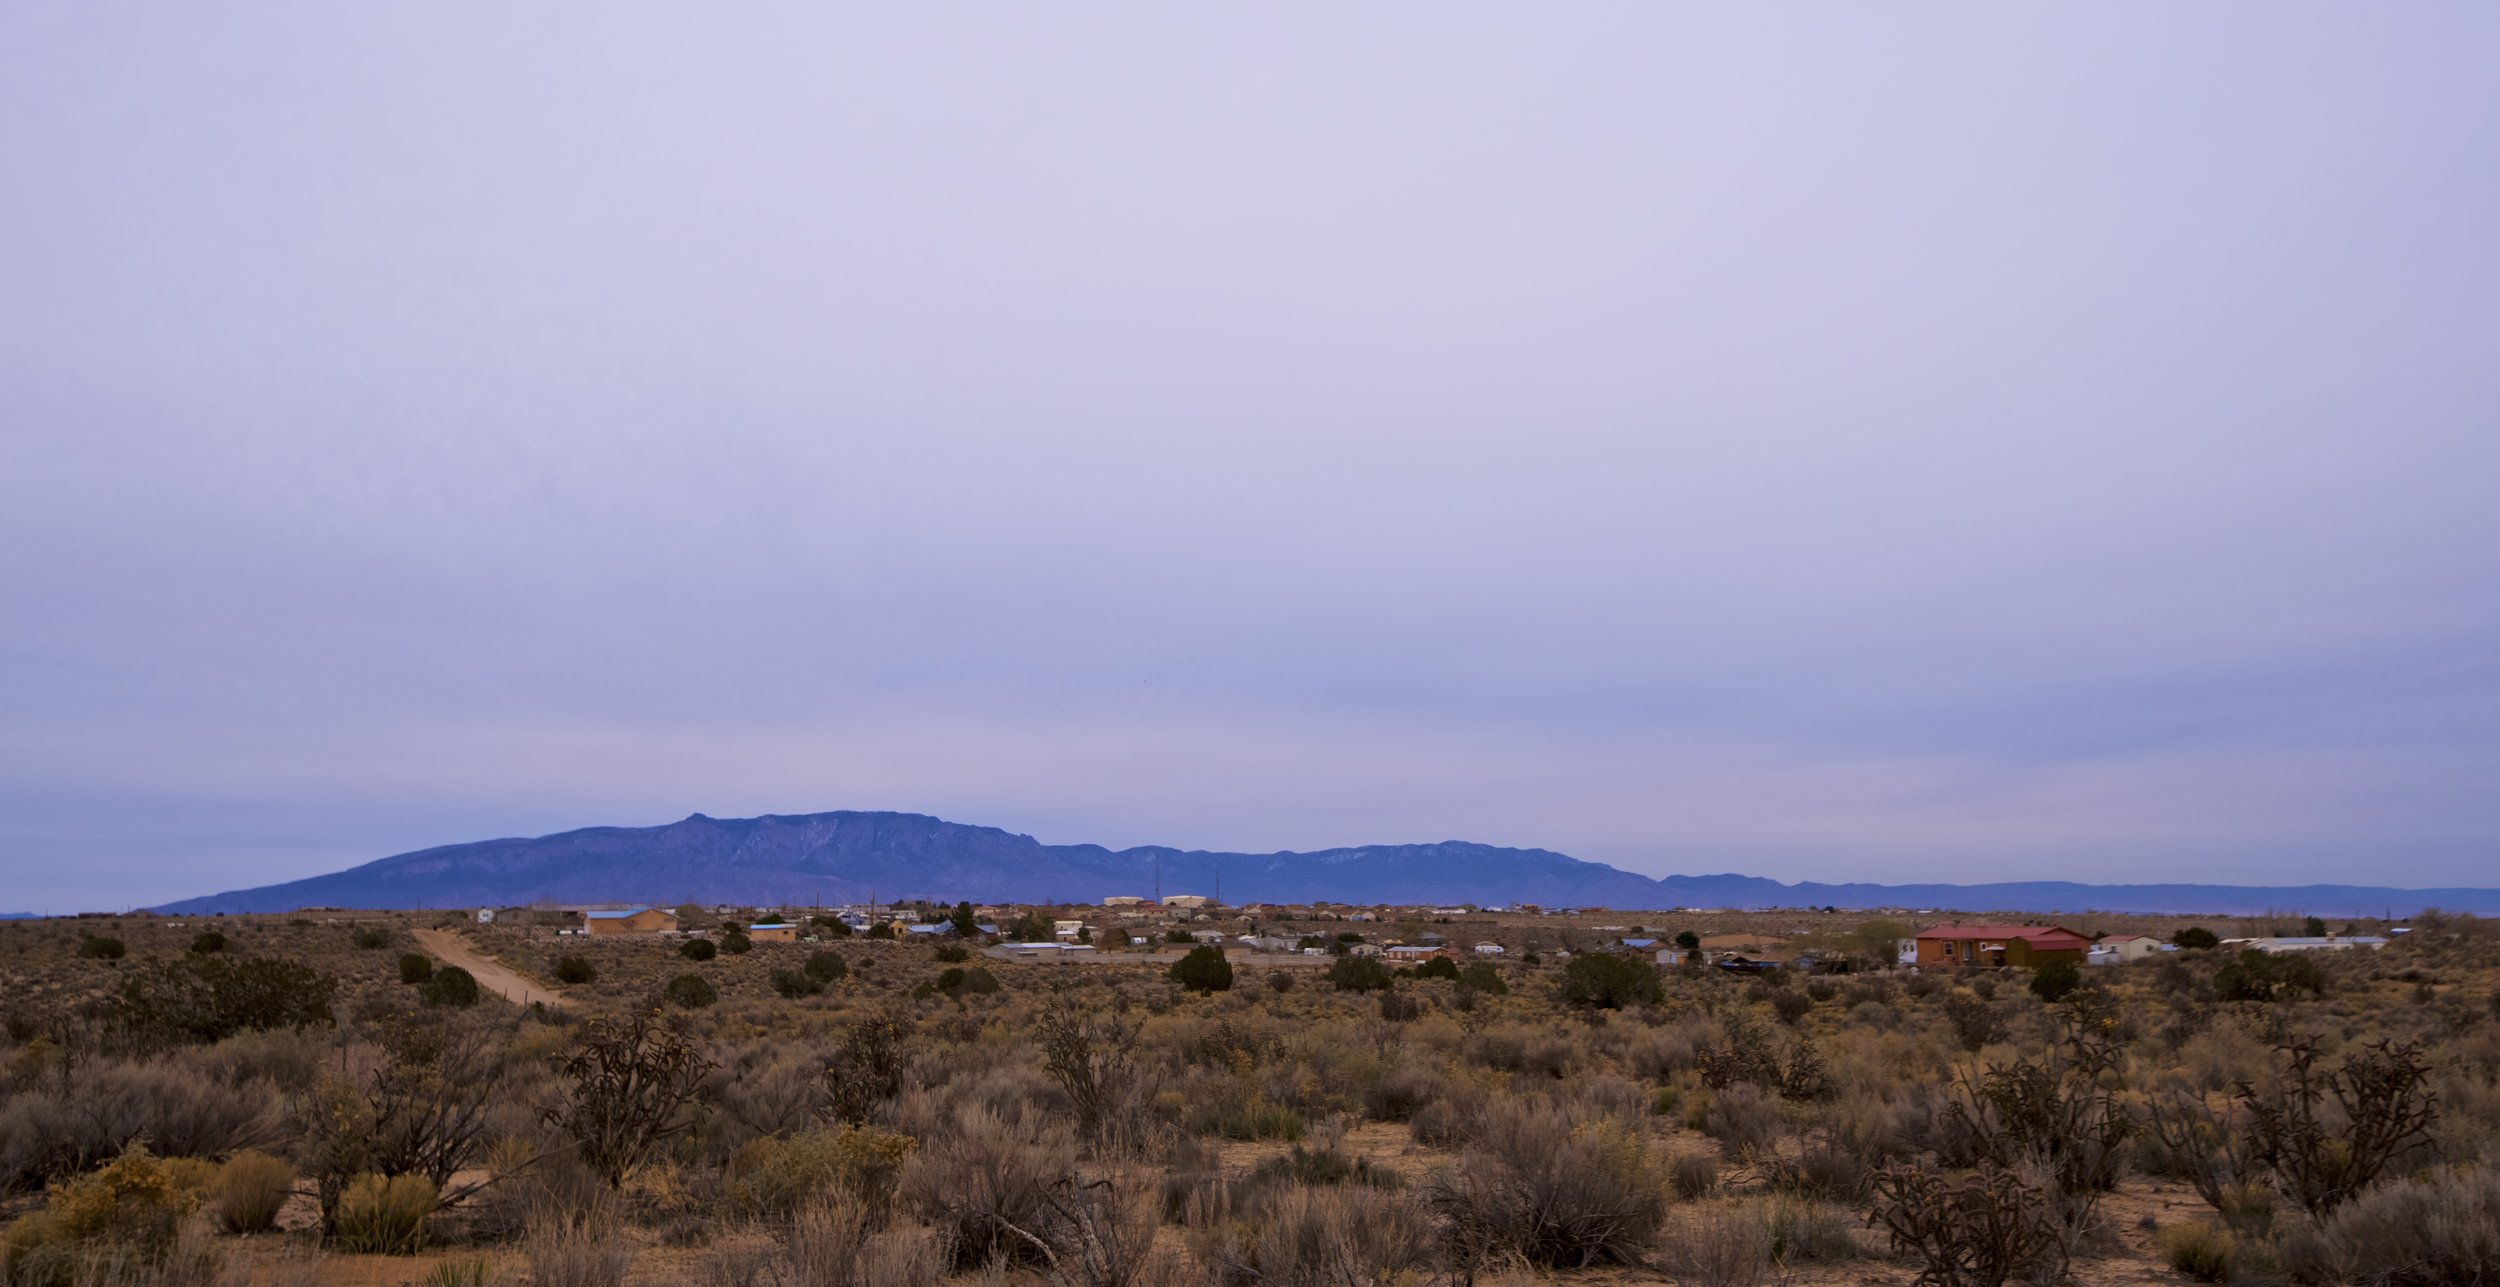 SNNM-2341-rio-rancho-85785.jpg